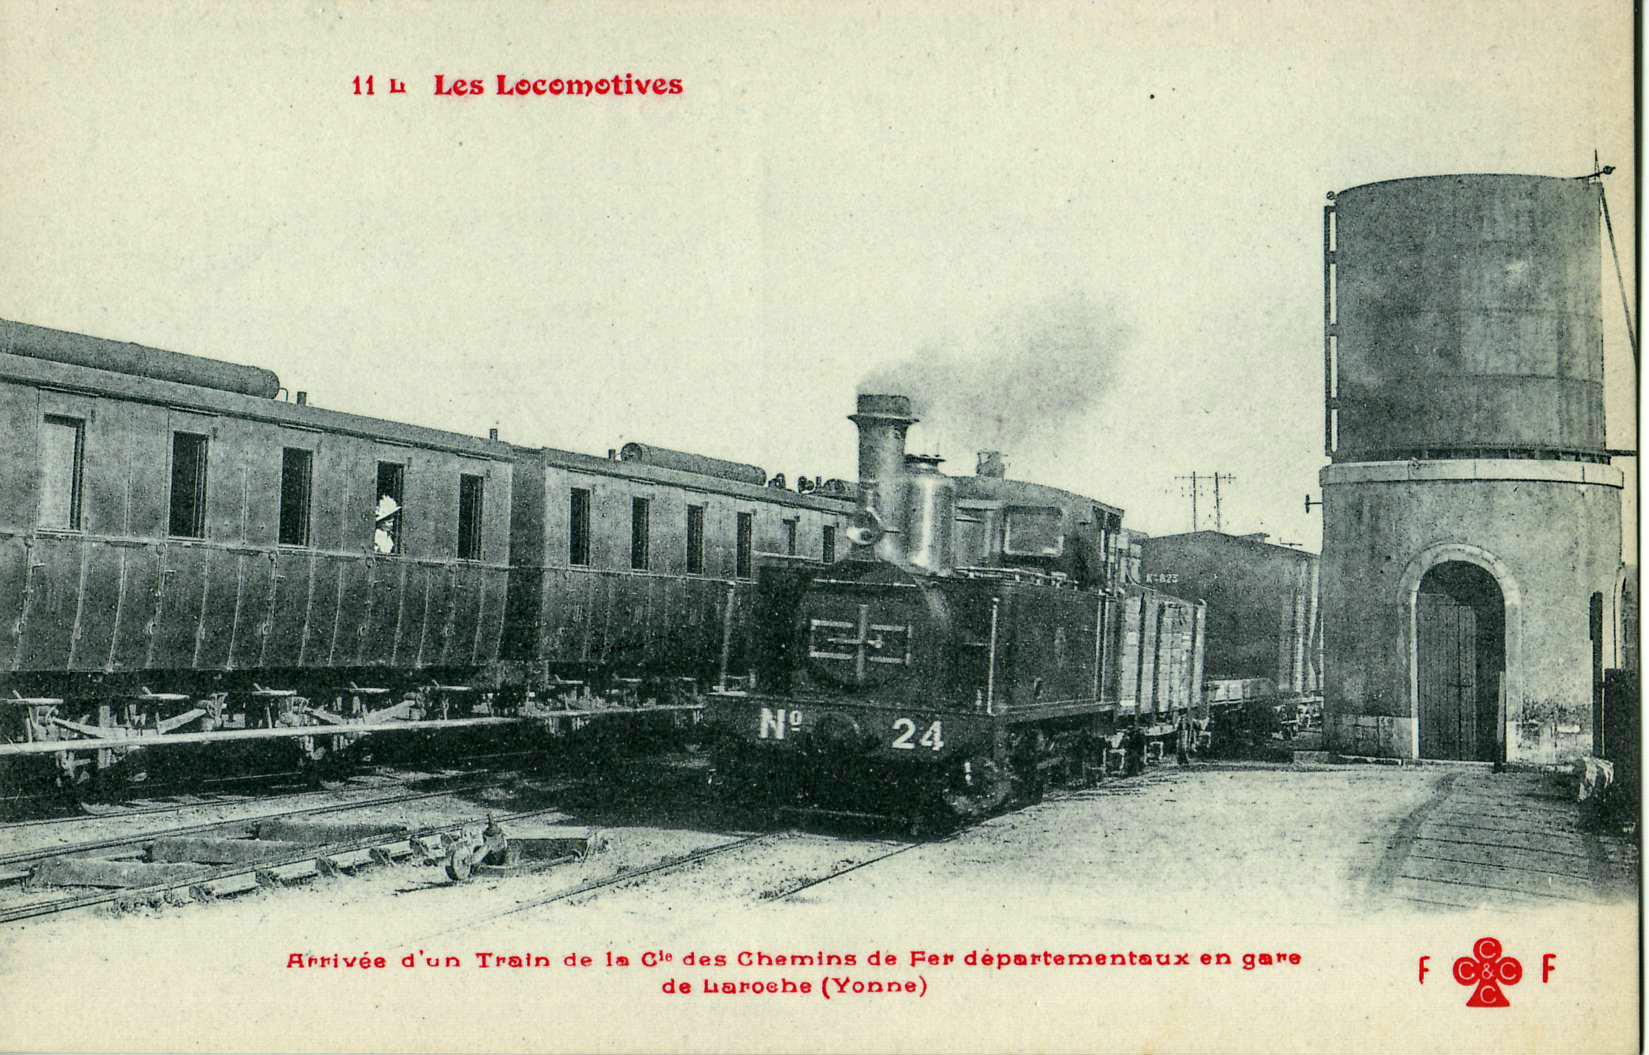 http://upload.wikimedia.org/wikipedia/commons/1/1e/FF_CCCC_11_-_Arriv%C3%A9e_d%27un_train_de_la_Cie_des_Chemins_de_fer_d%C3%A9partementaux_en_gare_de_Laroche_(Yonne).JPG